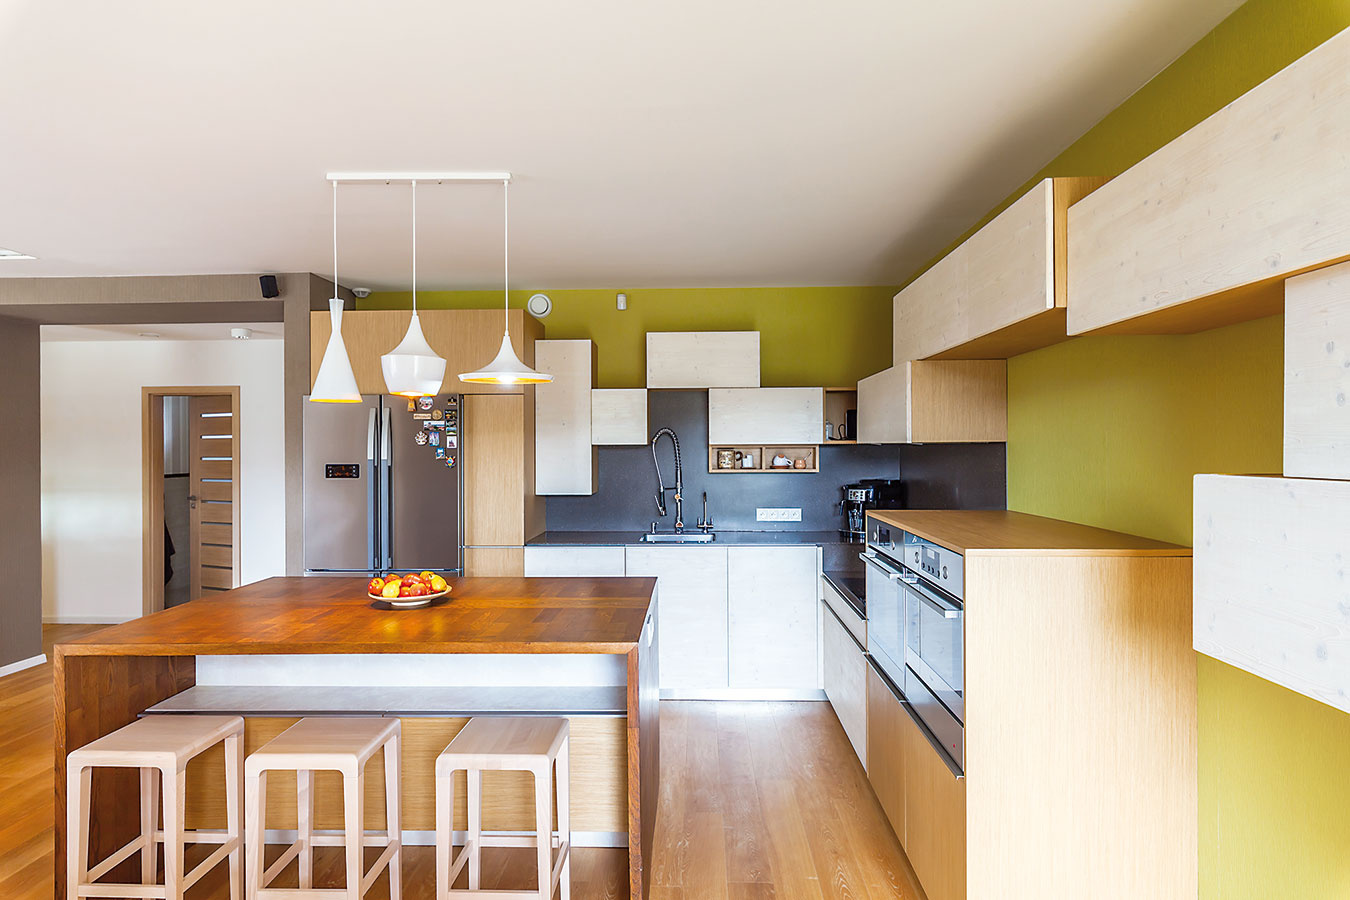 Kuchyňa určite nepôsobí štandardne ani chladne. Vďačí za to nápaditému usporiadaniu aprírodným materiálom (drevené dvierka linky sú kefované anamorené, ich povrchovú úpravu si vzal na starosť domáci pán).